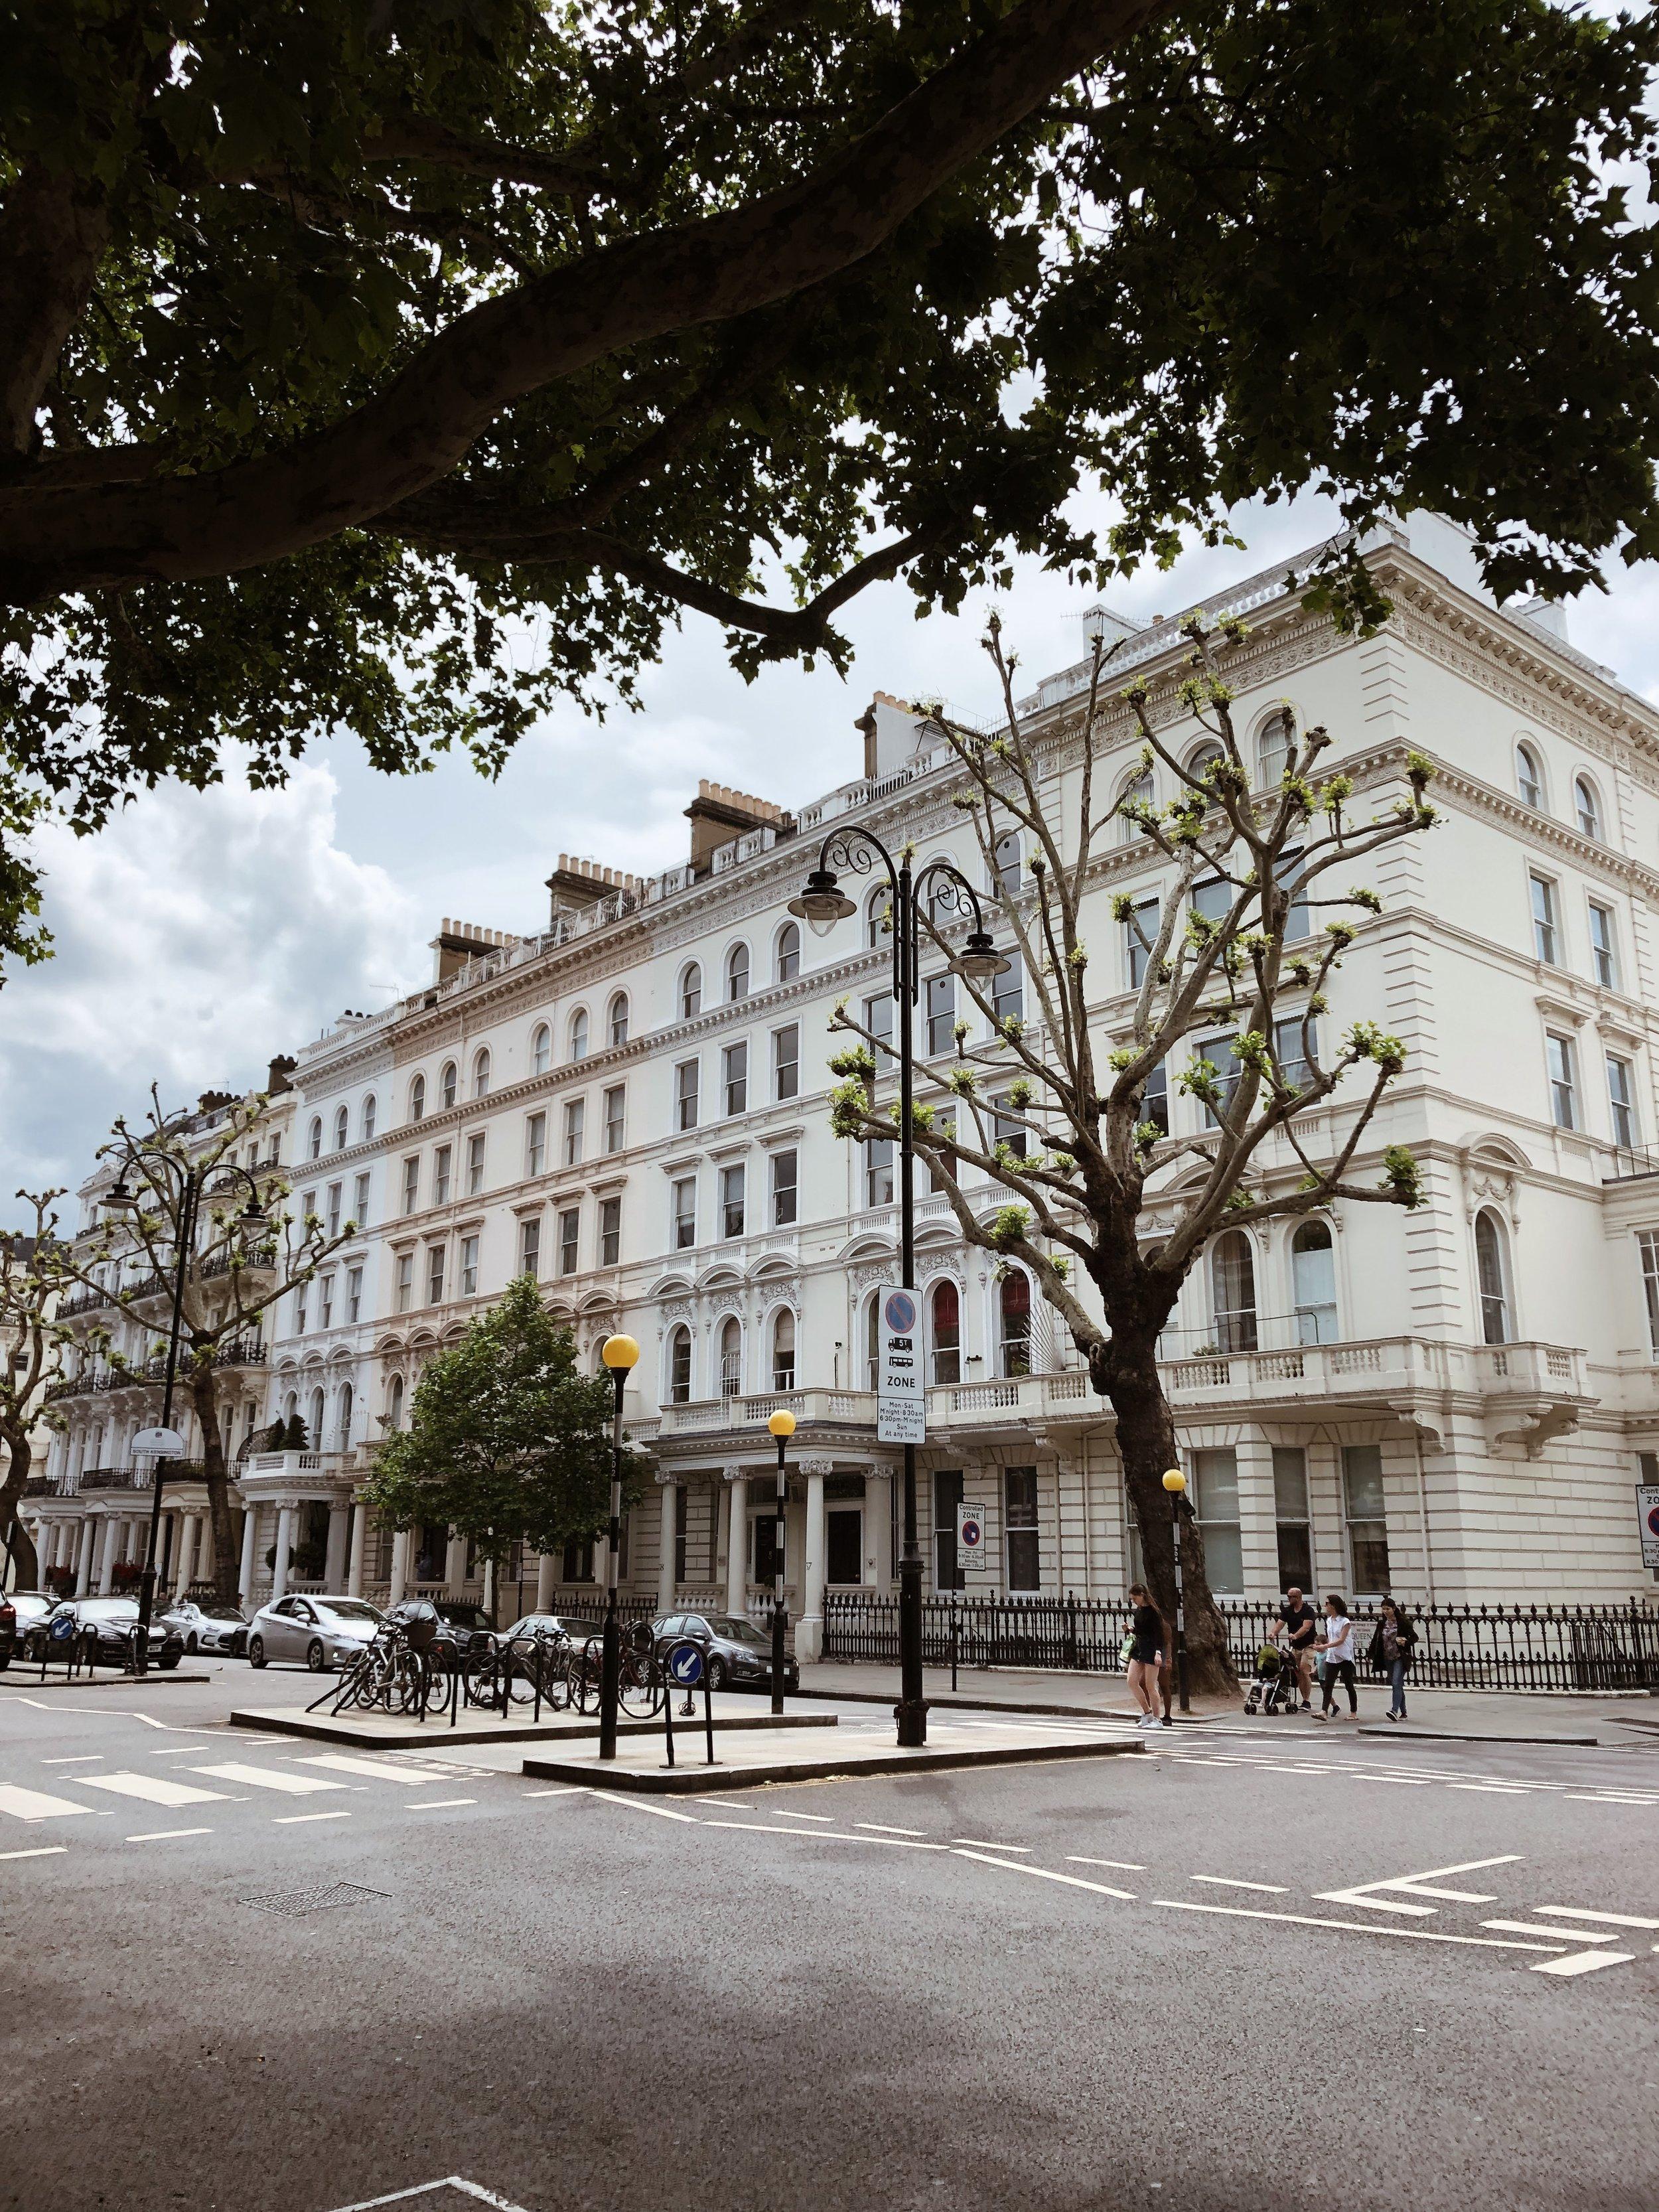 這是在South Kensington附近拍的,覺得很有巴黎街頭的感覺,走在路上相當寧靜且舒服。